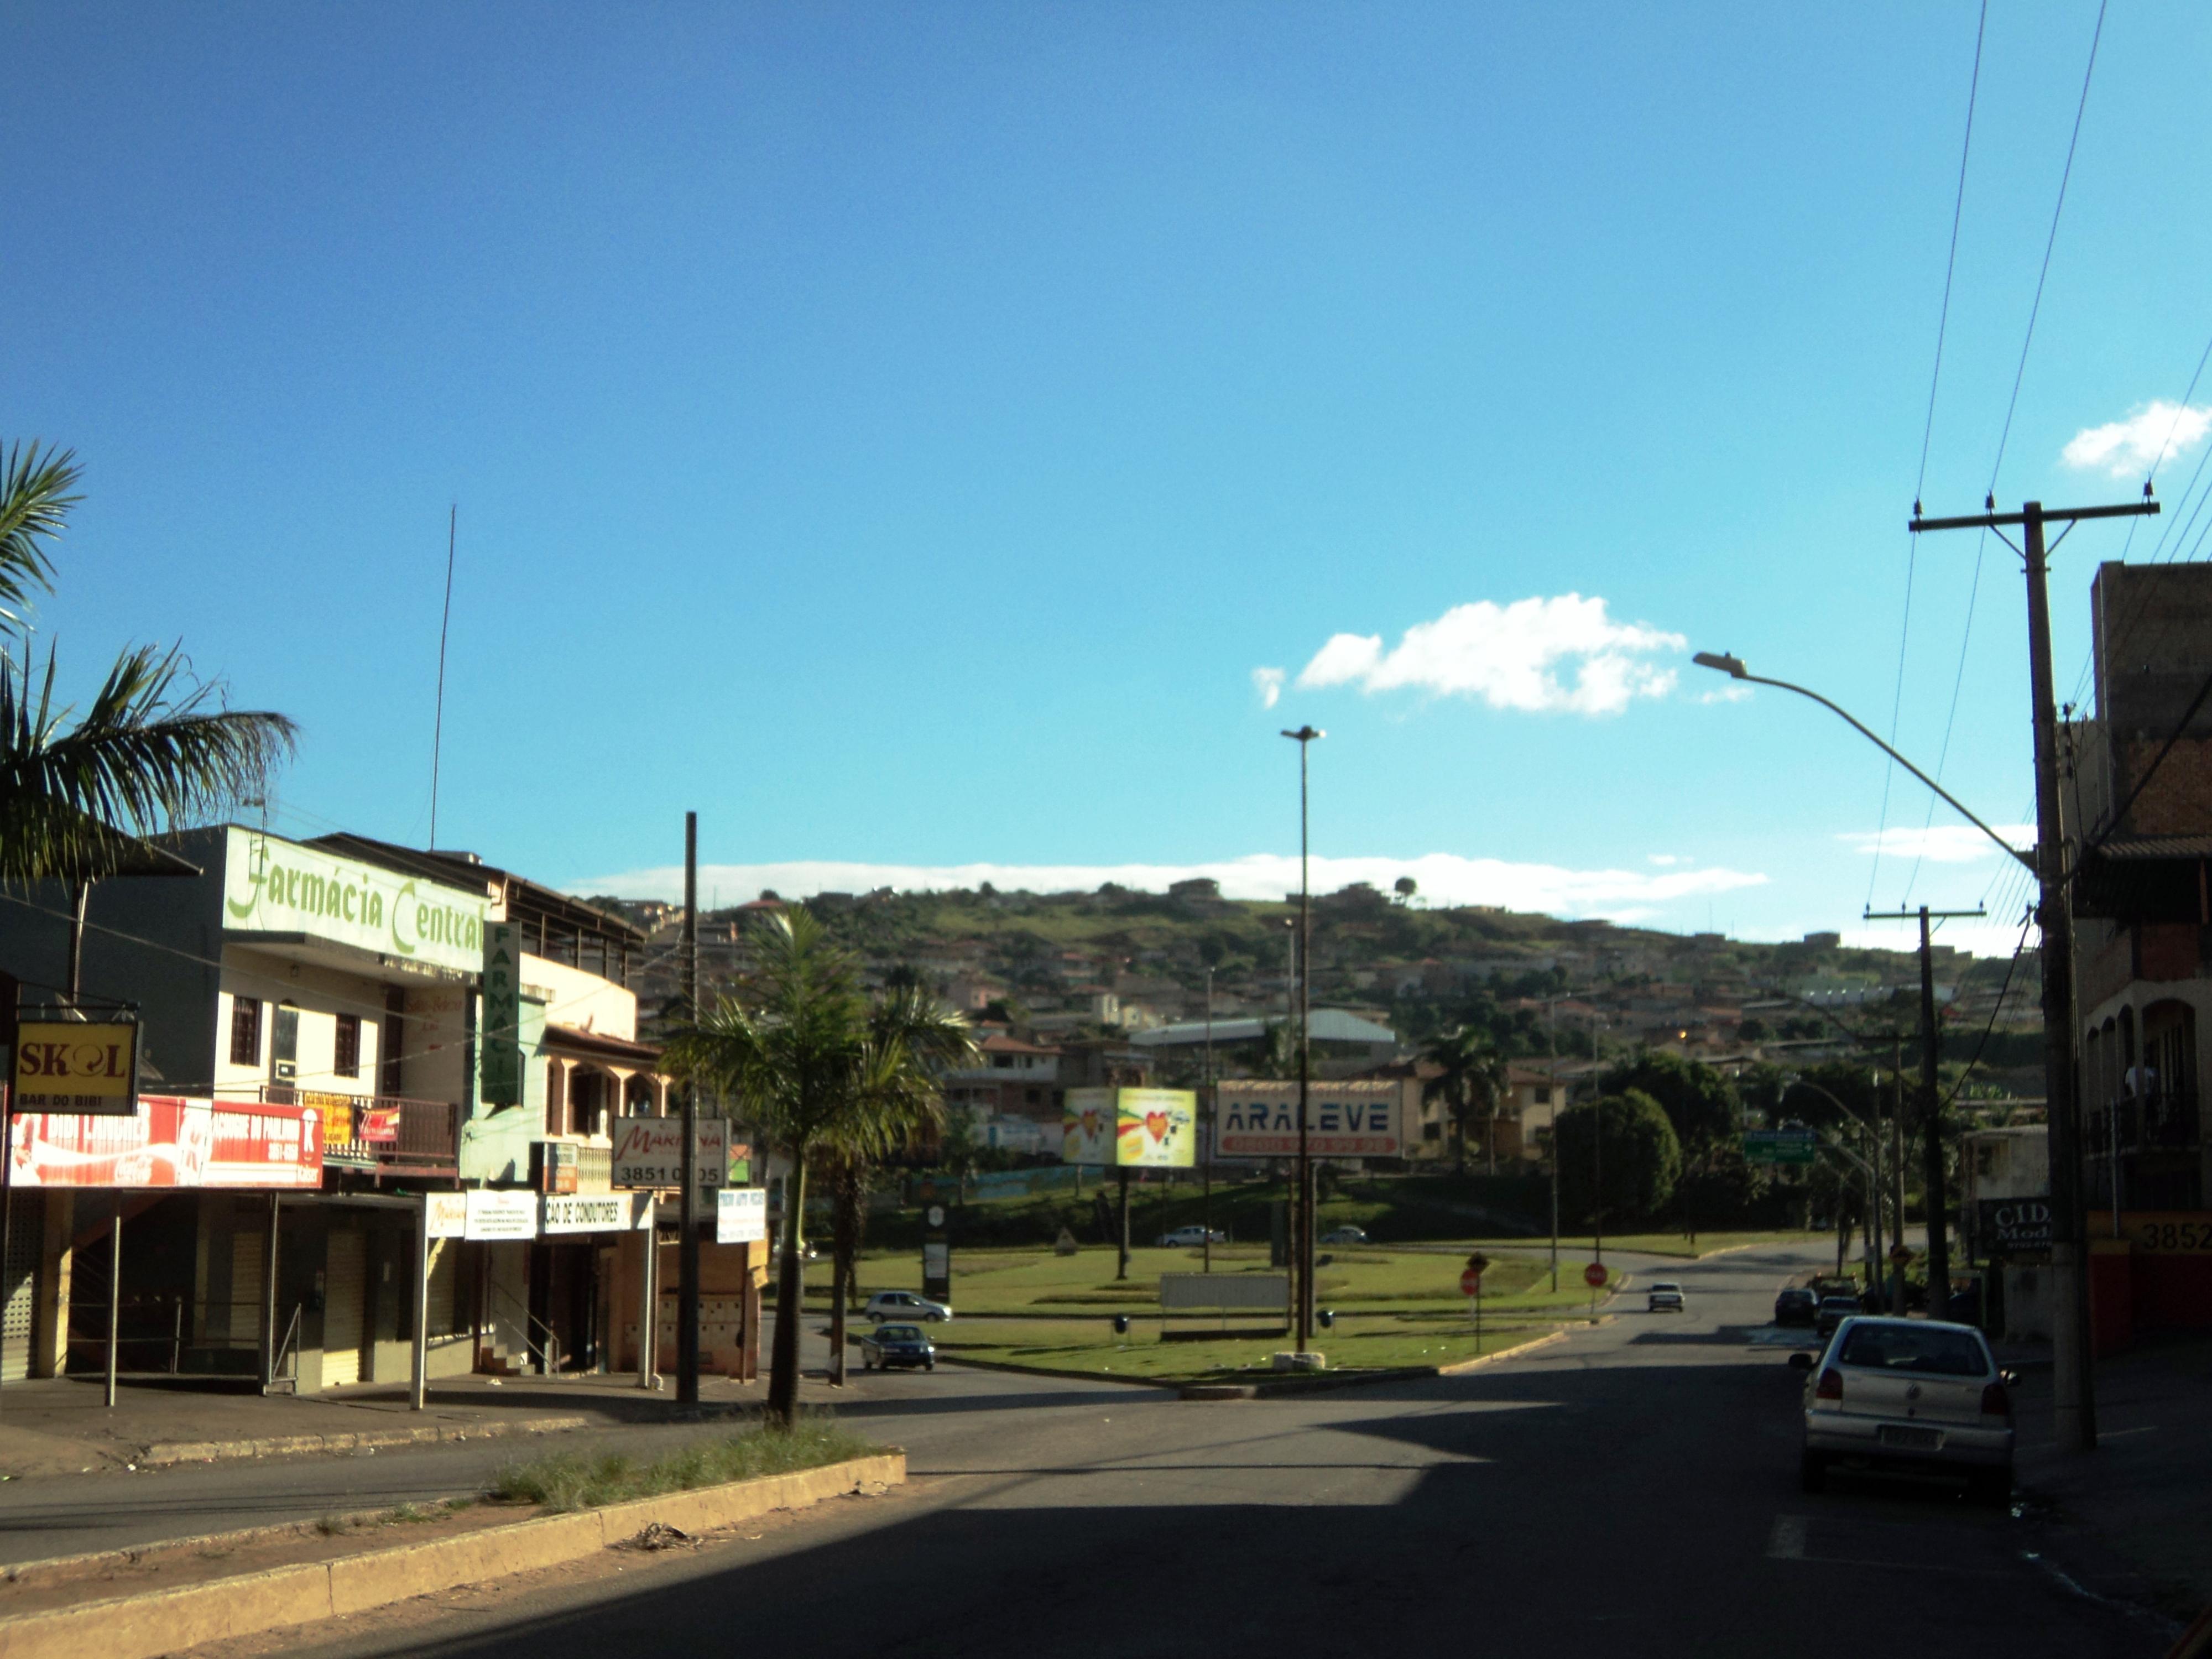 João Monlevade Minas Gerais fonte: upload.wikimedia.org